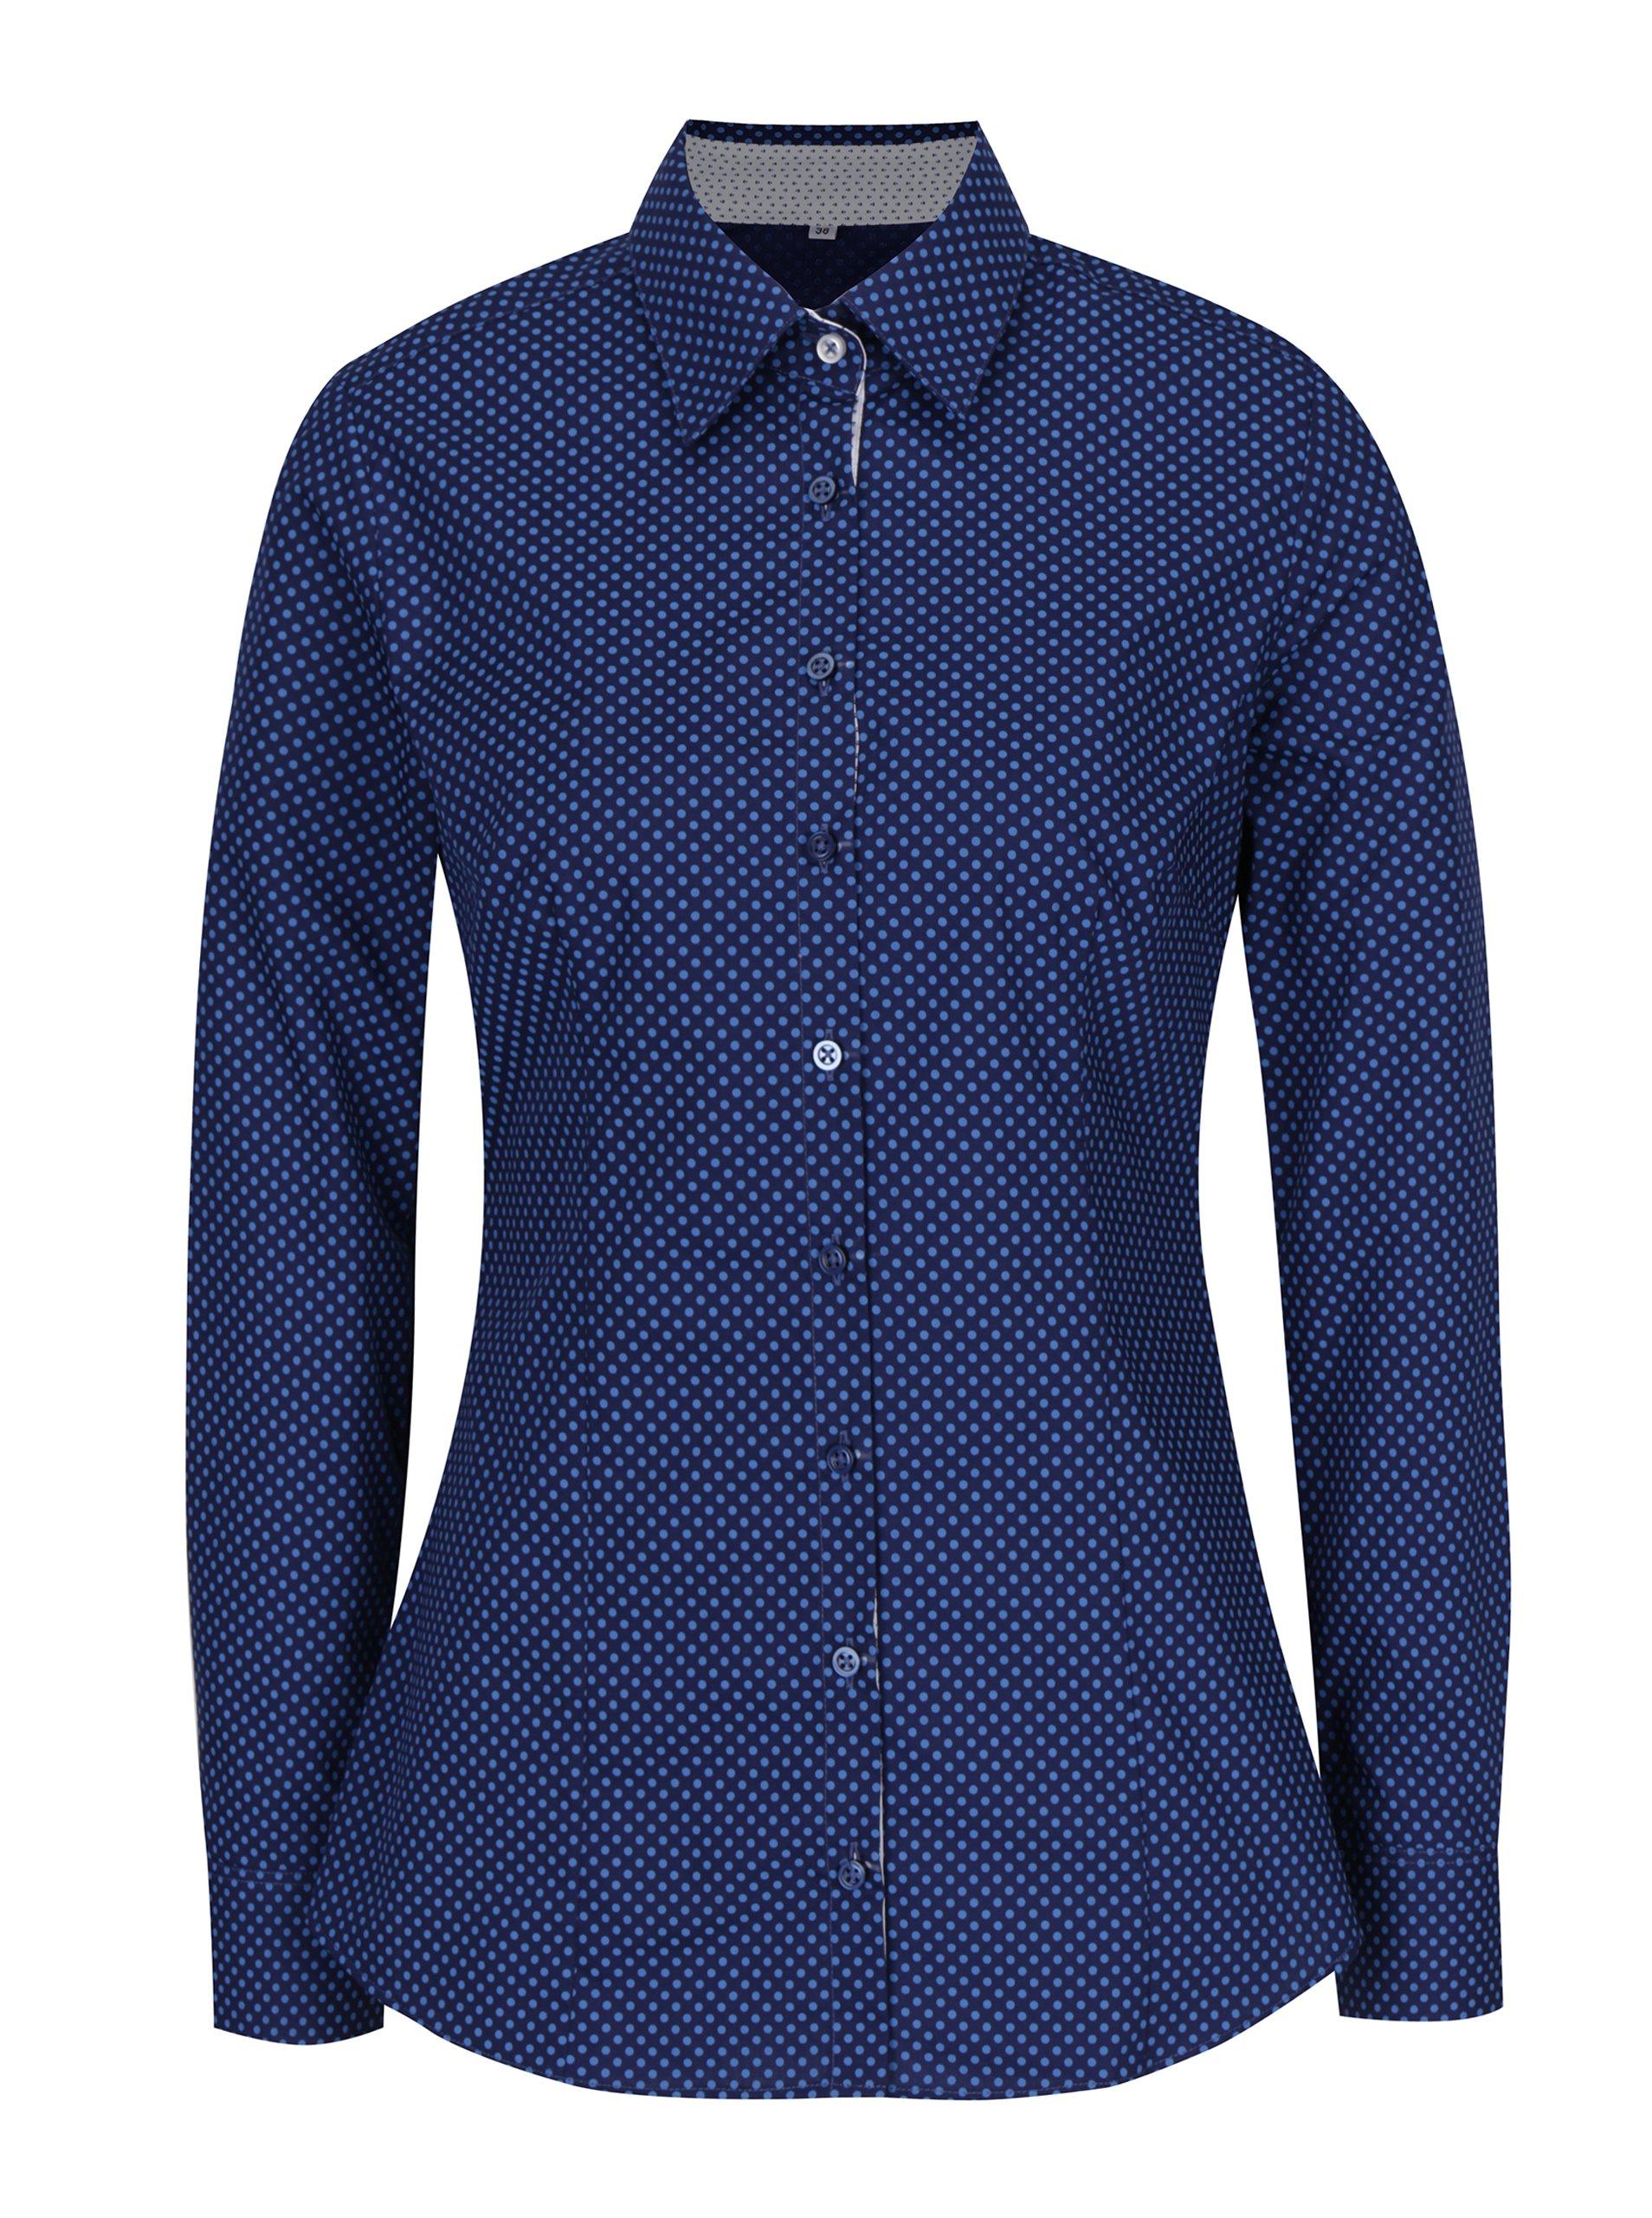 Tmavě modrá dámská puntíkovaná košile VAVI